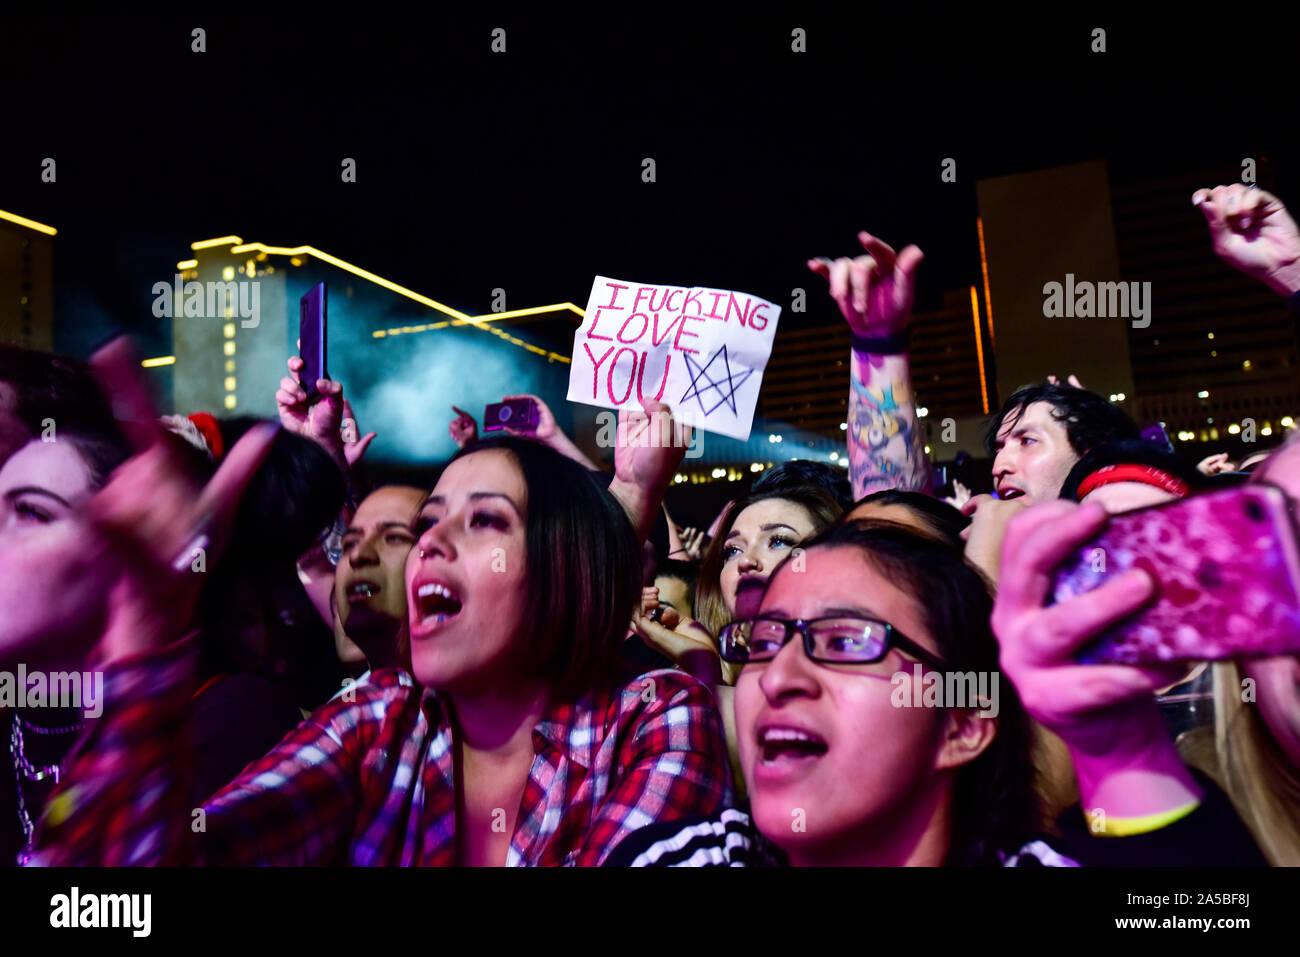 Las Vegas, Nevada, le 18 octobre 2019 - Concert foule à la troisième édition annuelle de Las Stique heavy metal music festival tenu à la Centre-ville de Las Vegas Events Center. Crédit de photo: Ken Howard Images Banque D'Images